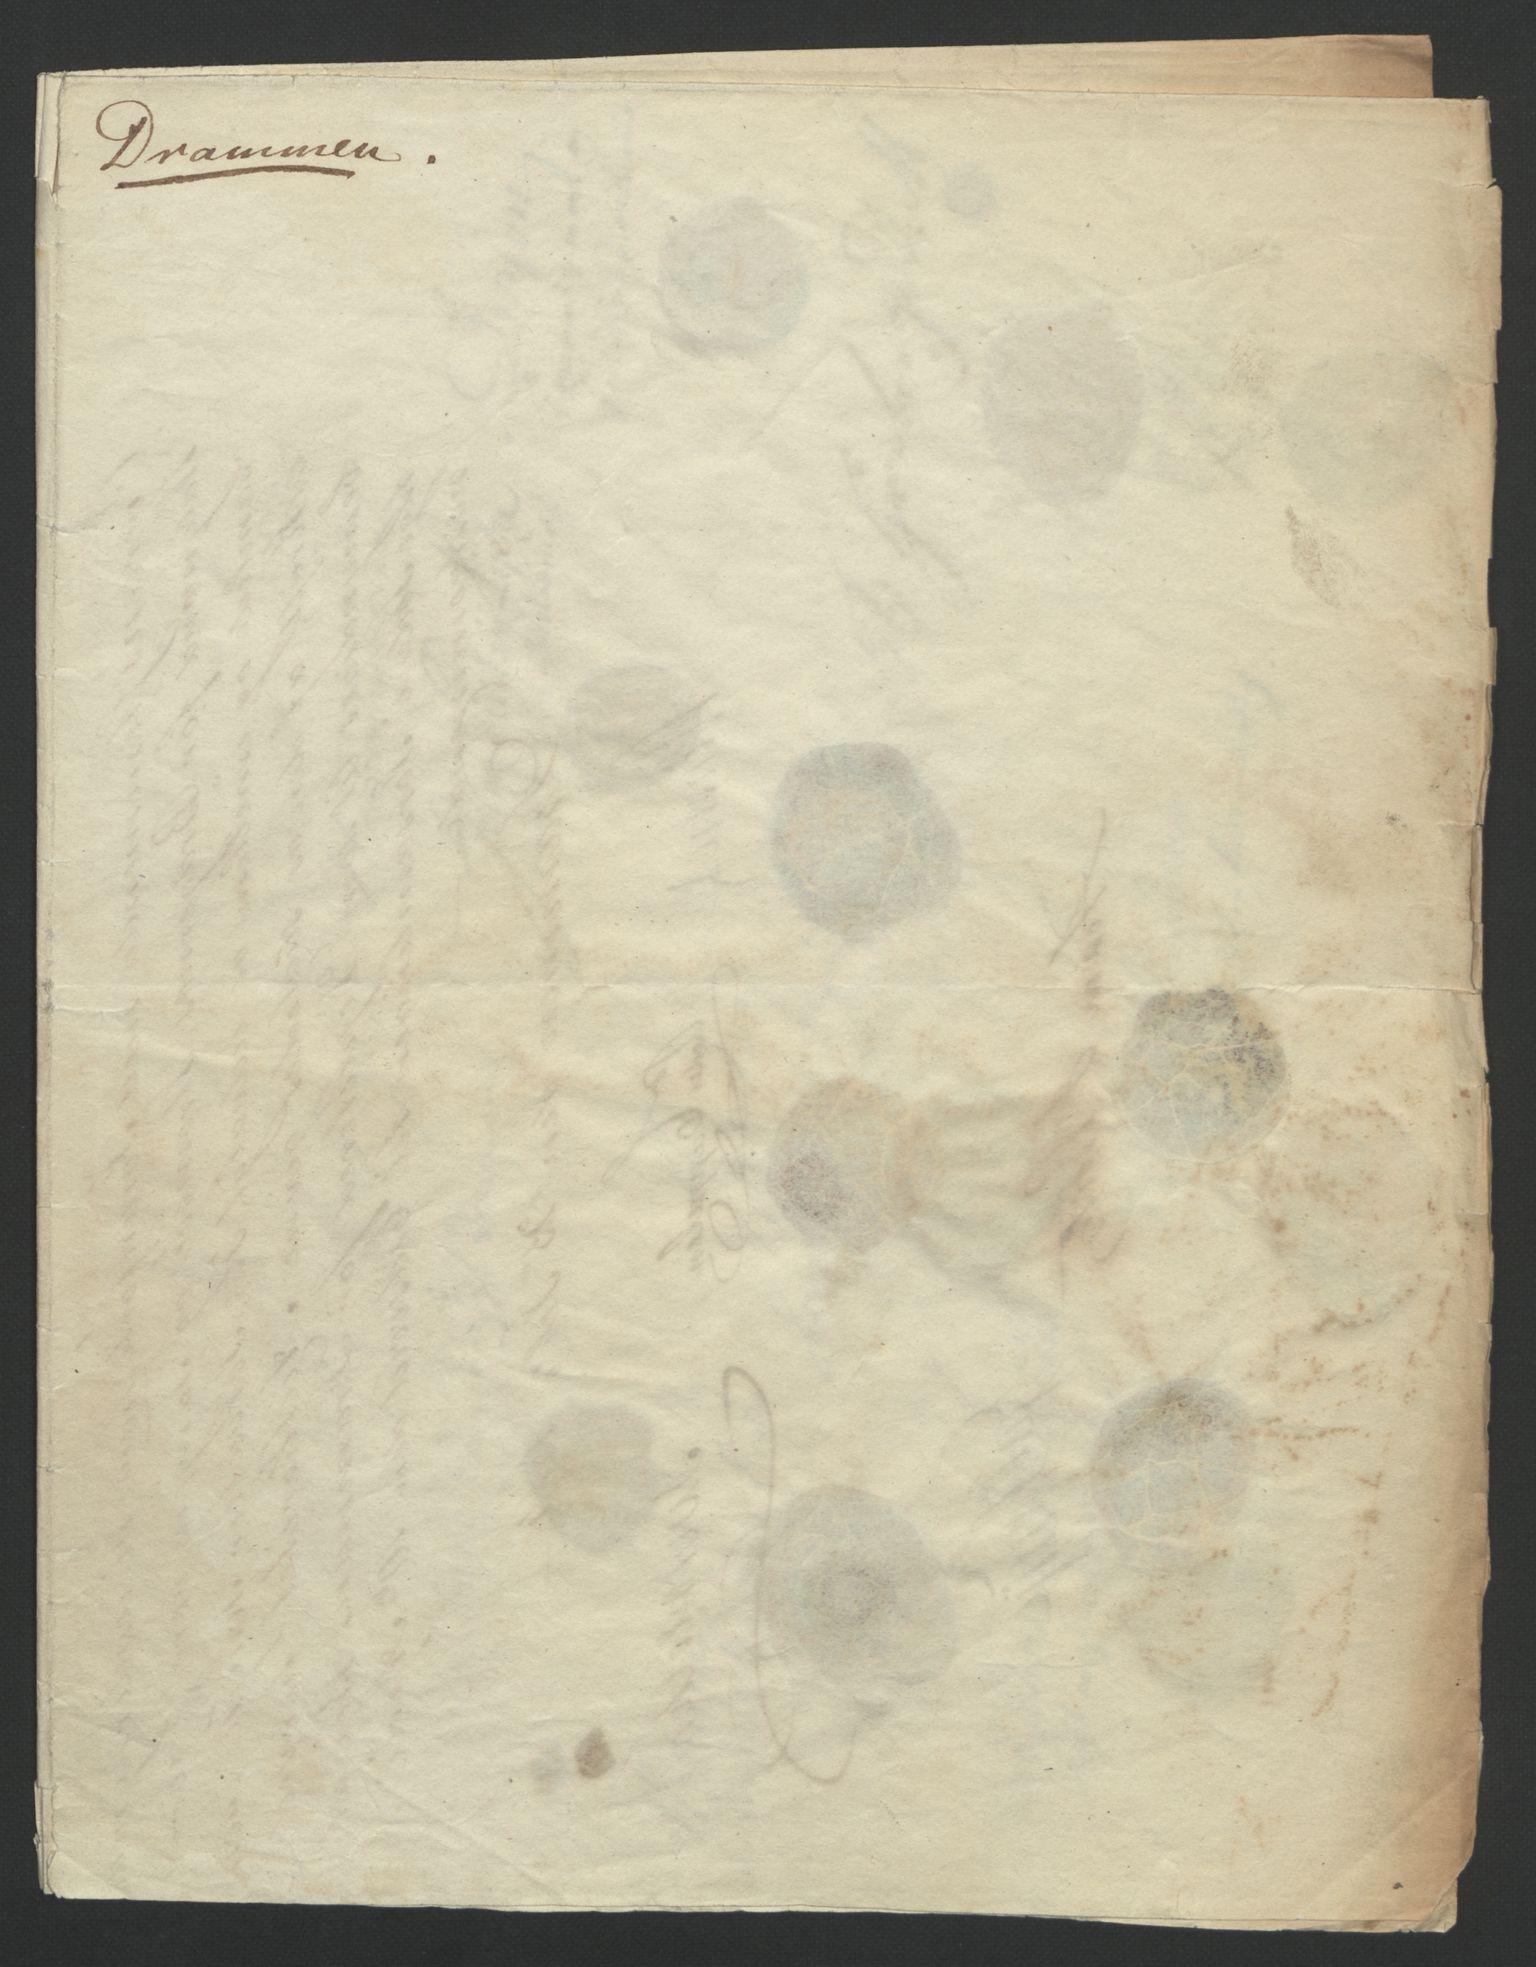 RA, Statsrådssekretariatet, D/Db/L0007: Fullmakter for Eidsvollsrepresentantene i 1814. , 1814, s. 5